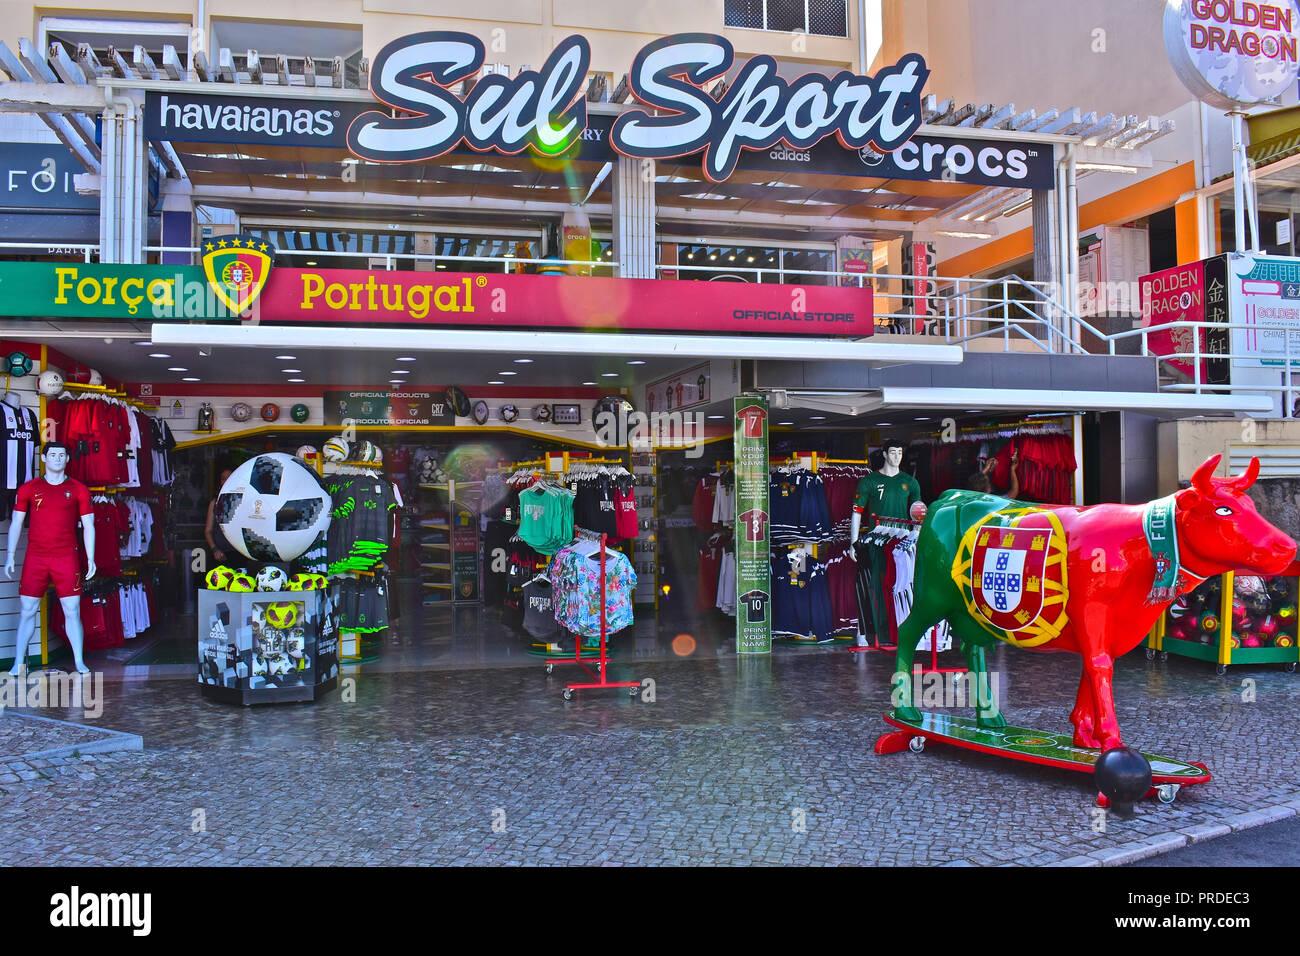 Crocs Shop Stock Photos Amp Crocs Shop Stock Images Alamy